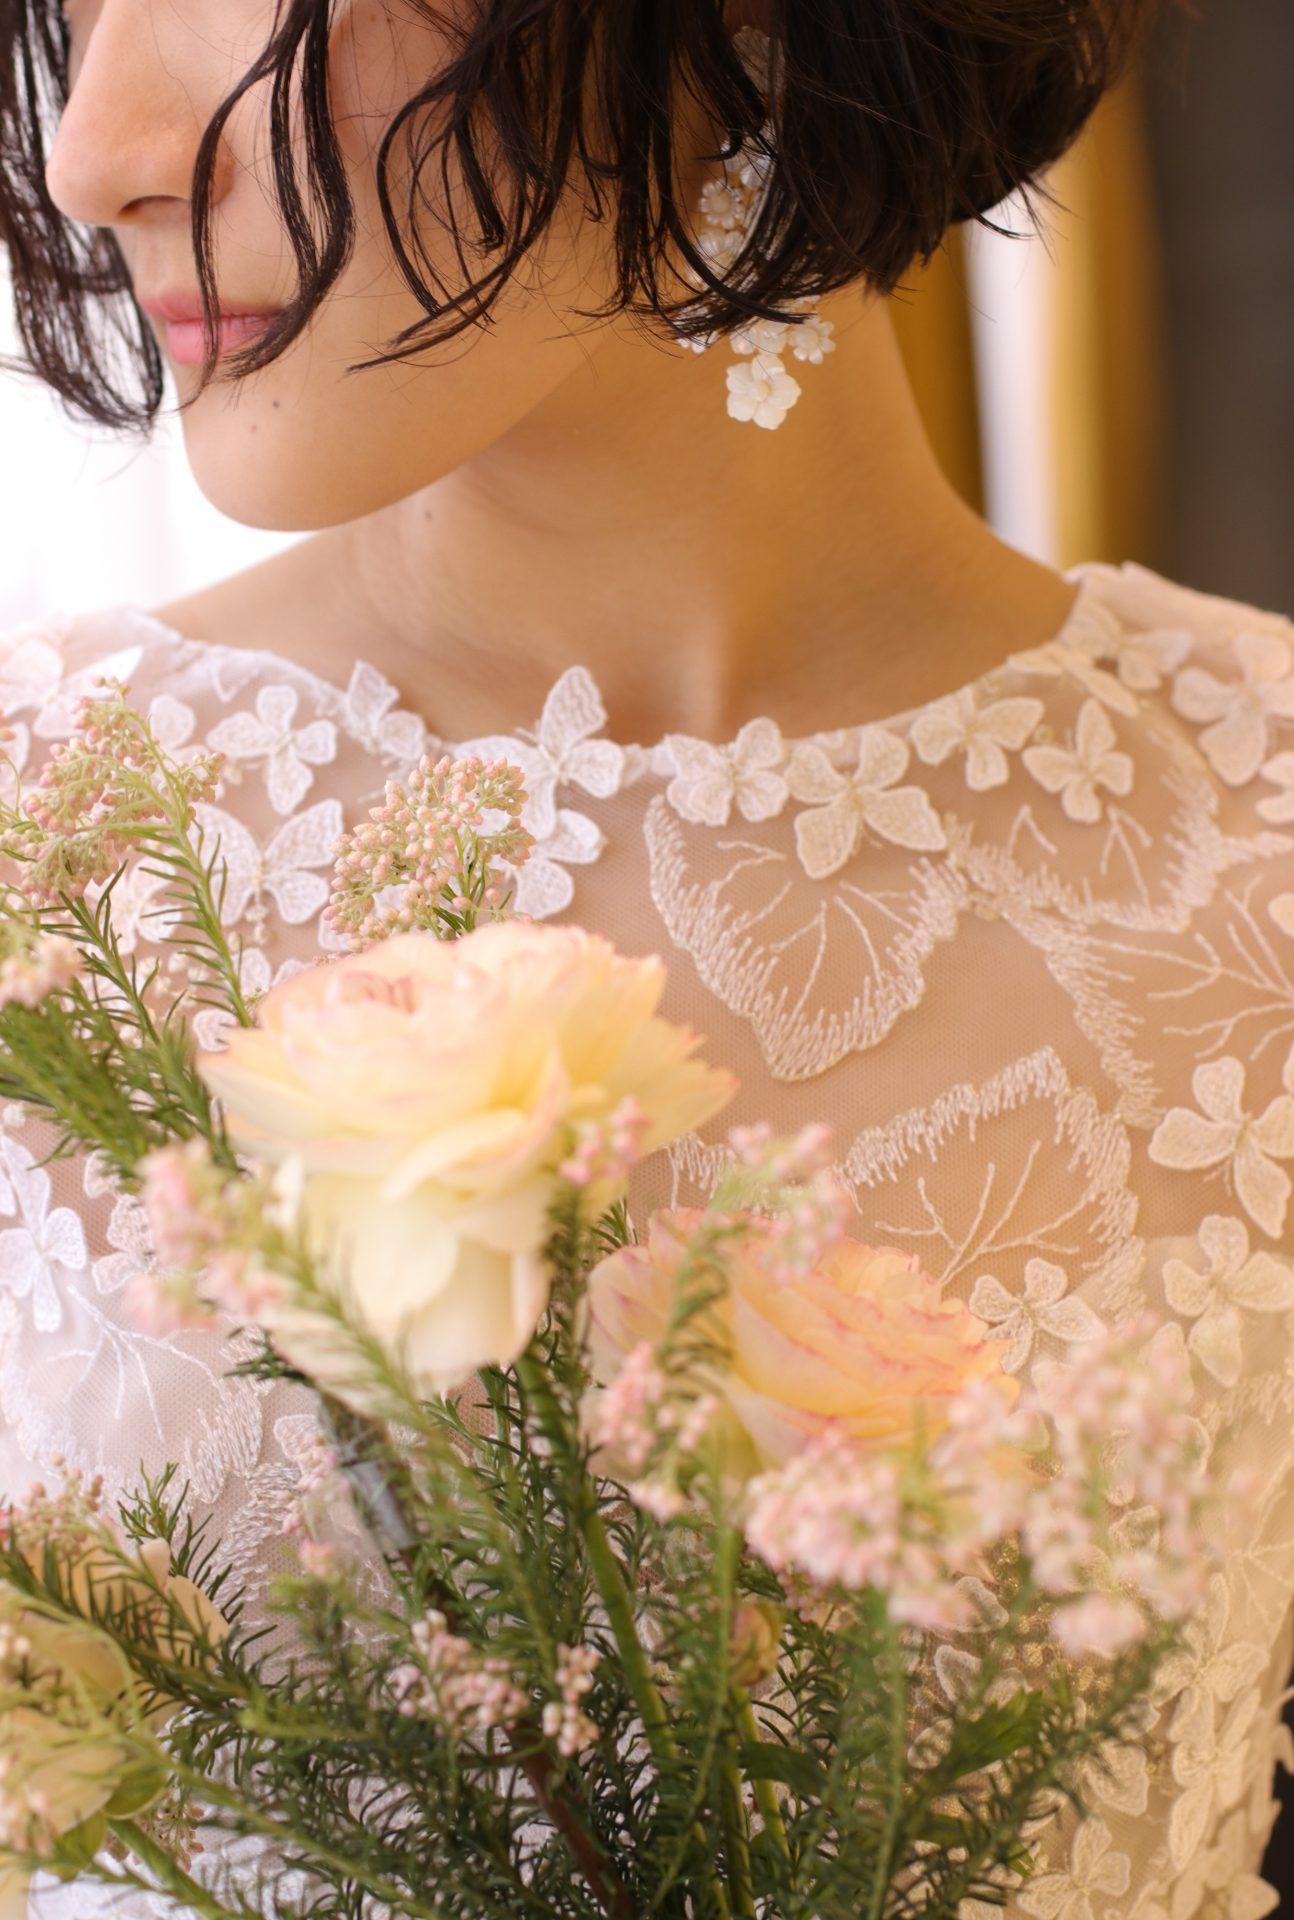 蝶々のレースのナチュラルな印象のドレスに薄いピンクのブーケを合わせれば、緑豊かなガーデンウェディングやアットホームなレストランウェディングにオススメの花嫁スタイルに